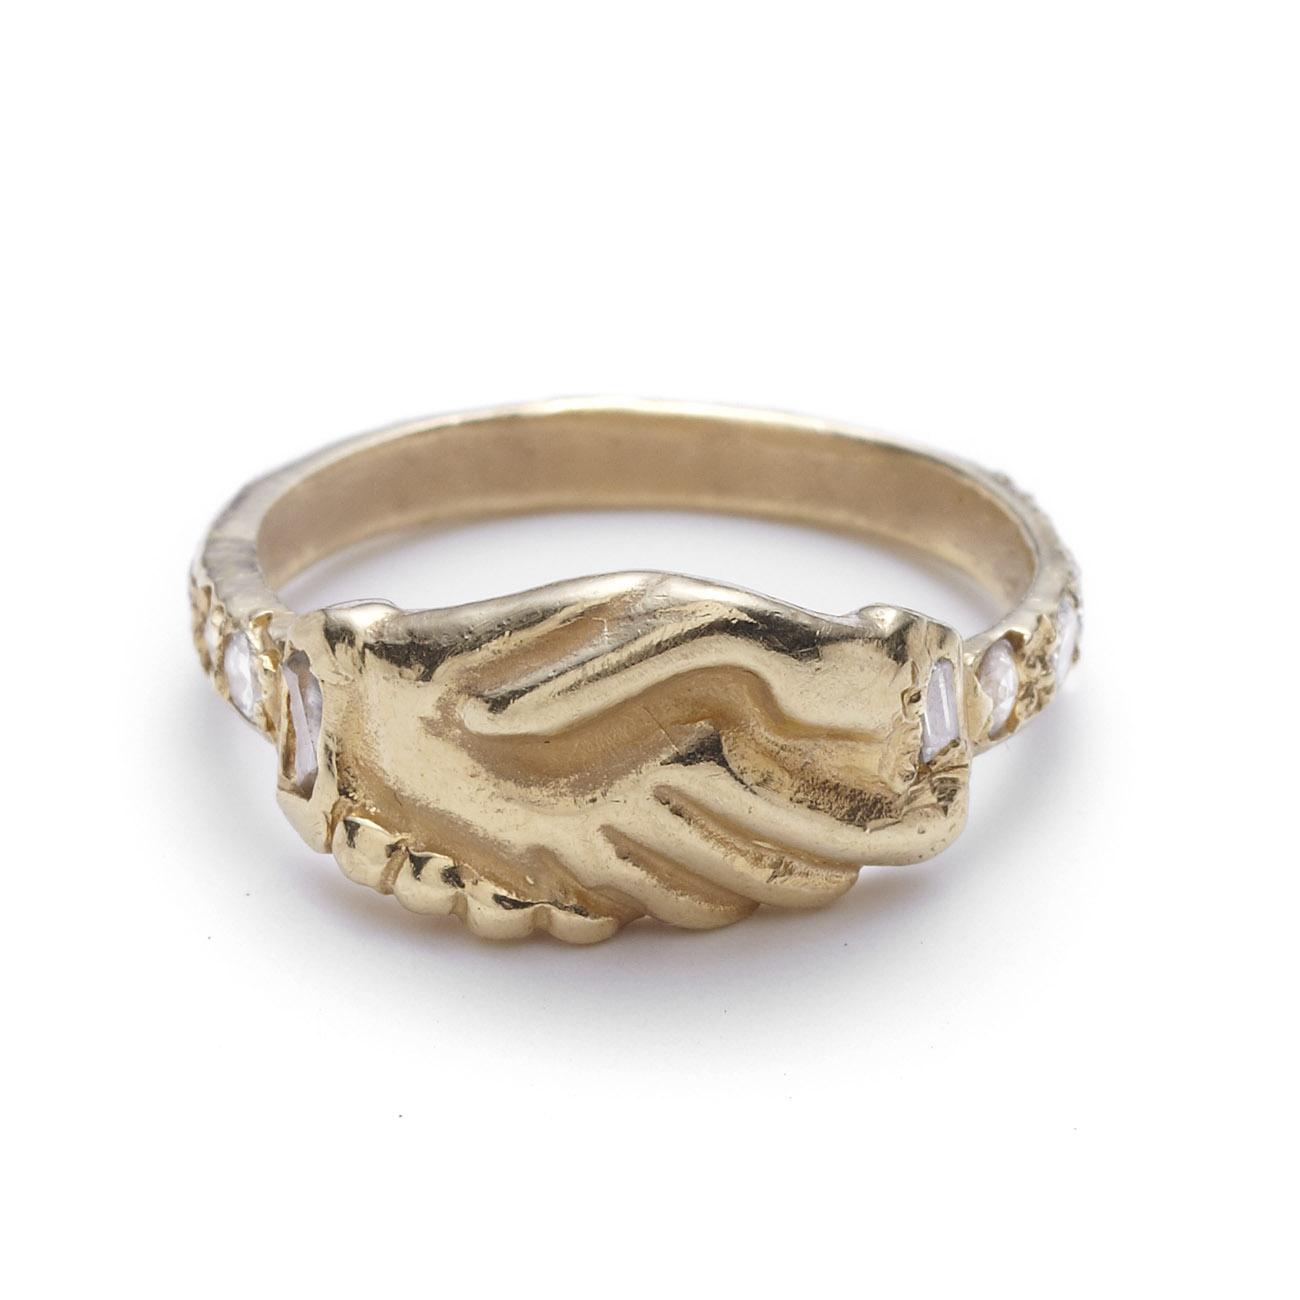 Karat Diamond Ring On Hand